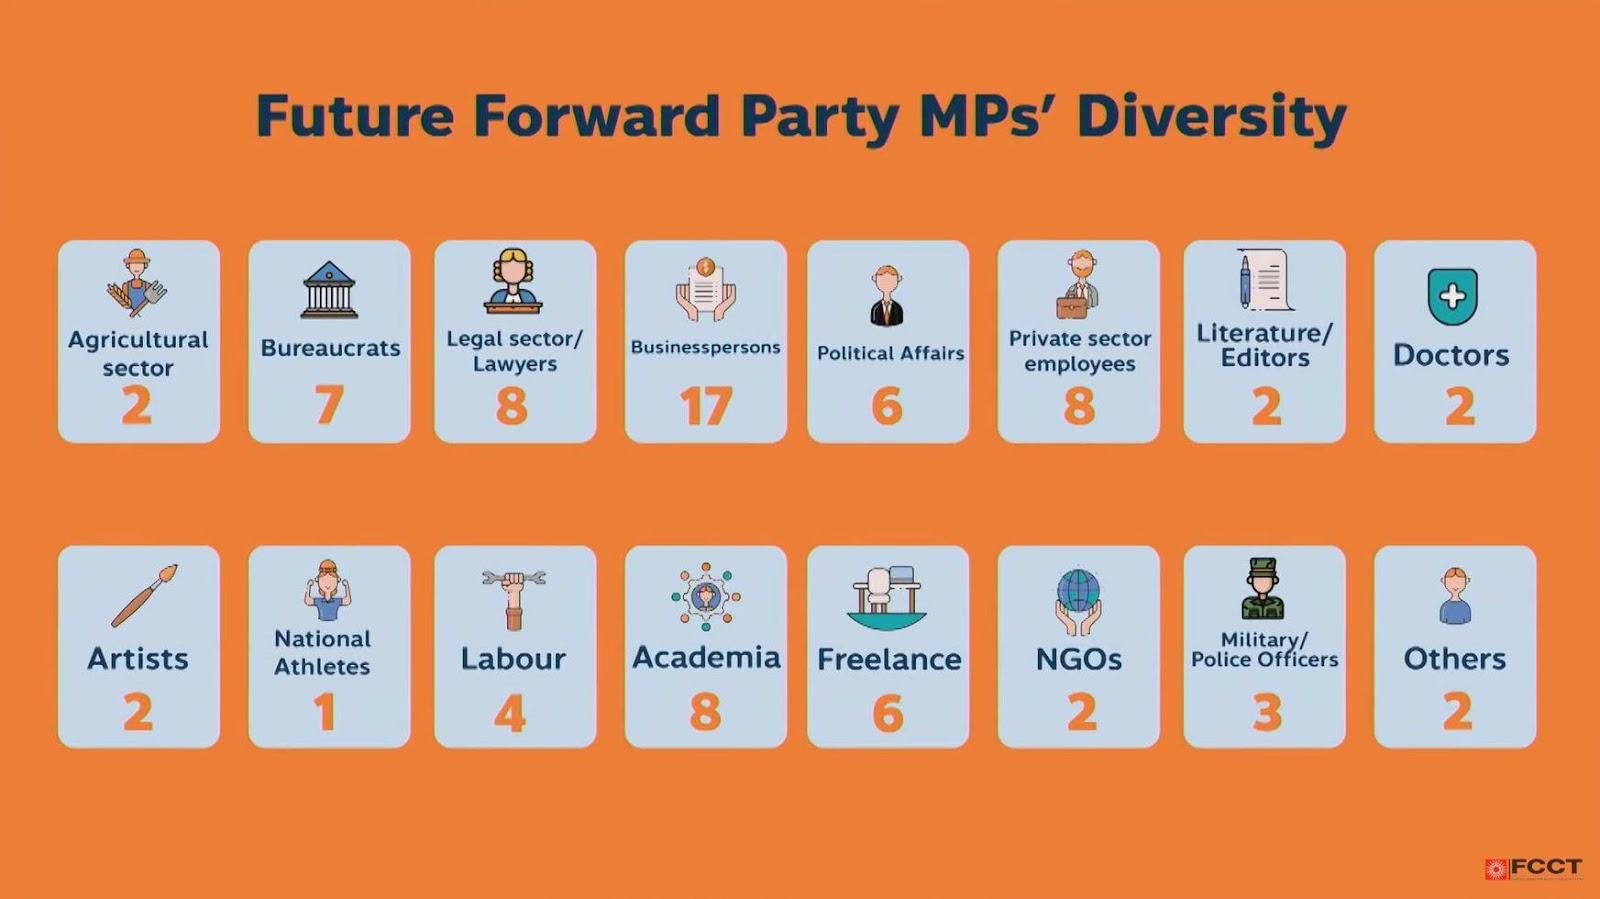 La diversité sociale des élus du parti Future Forward